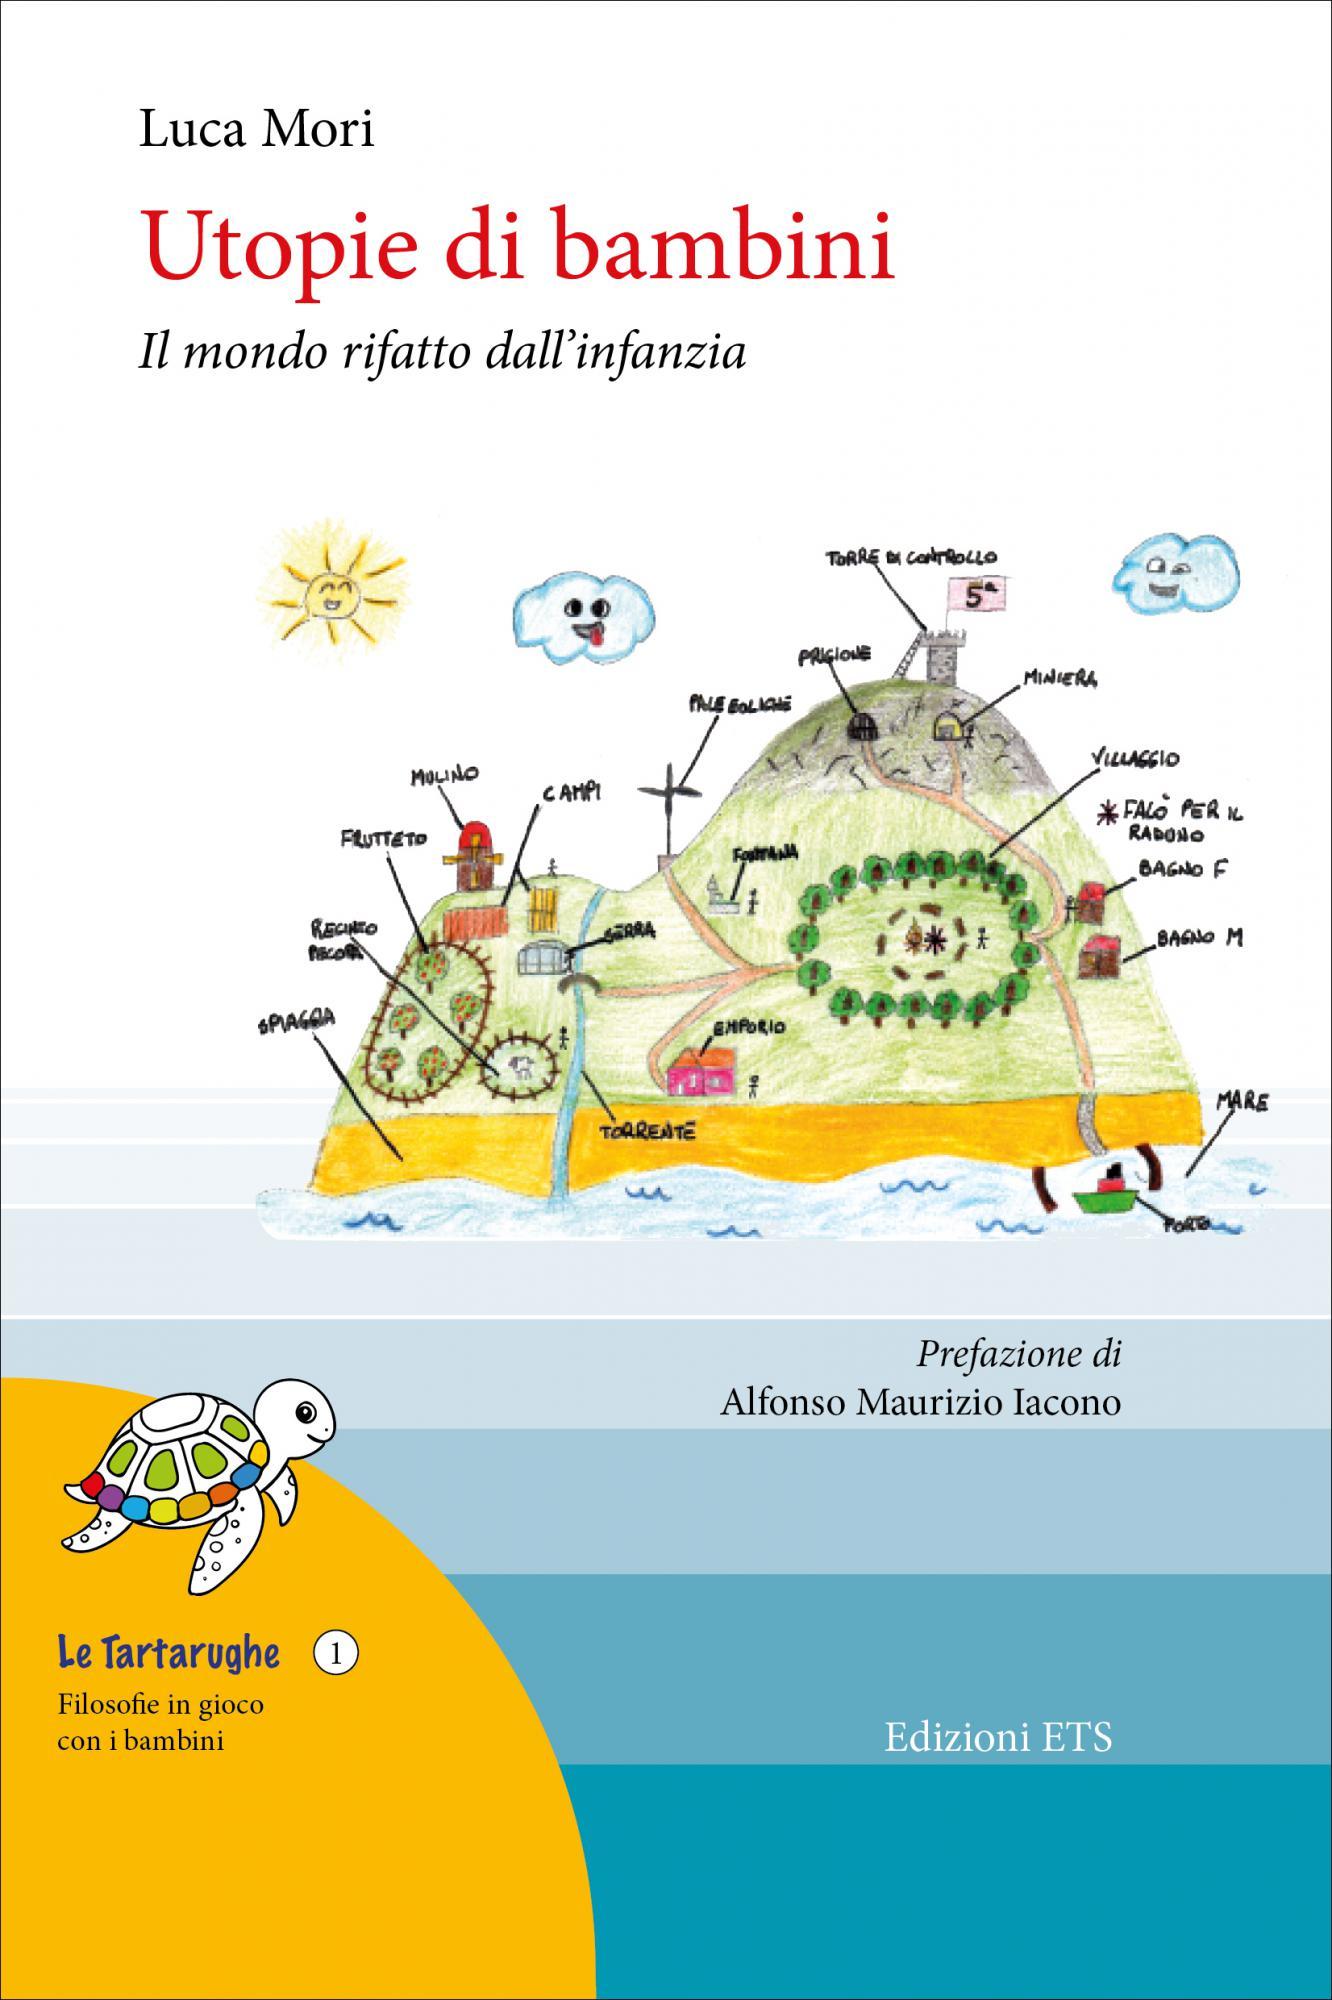 La copertina del libro di Luca Mori